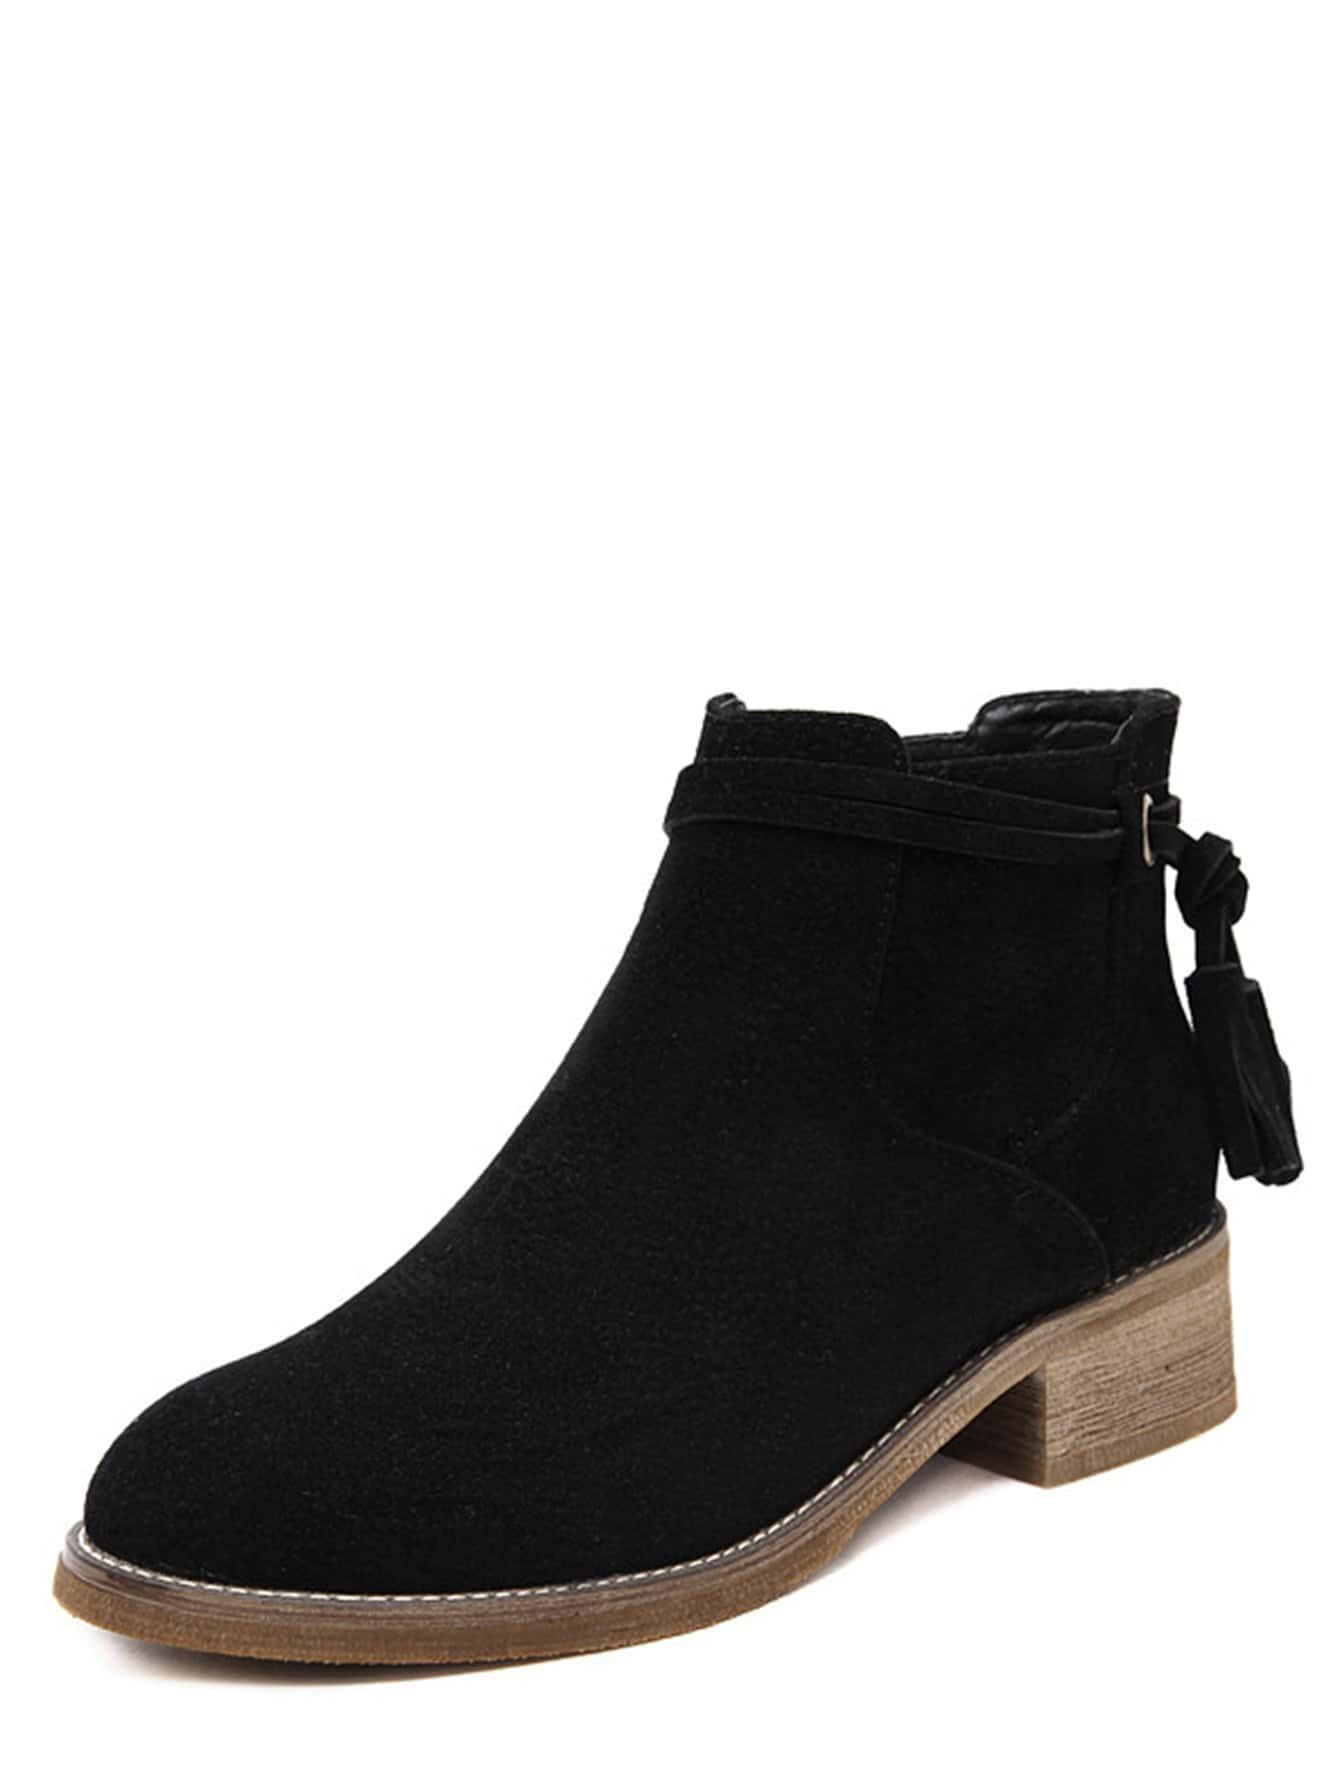 shoes161012806_2